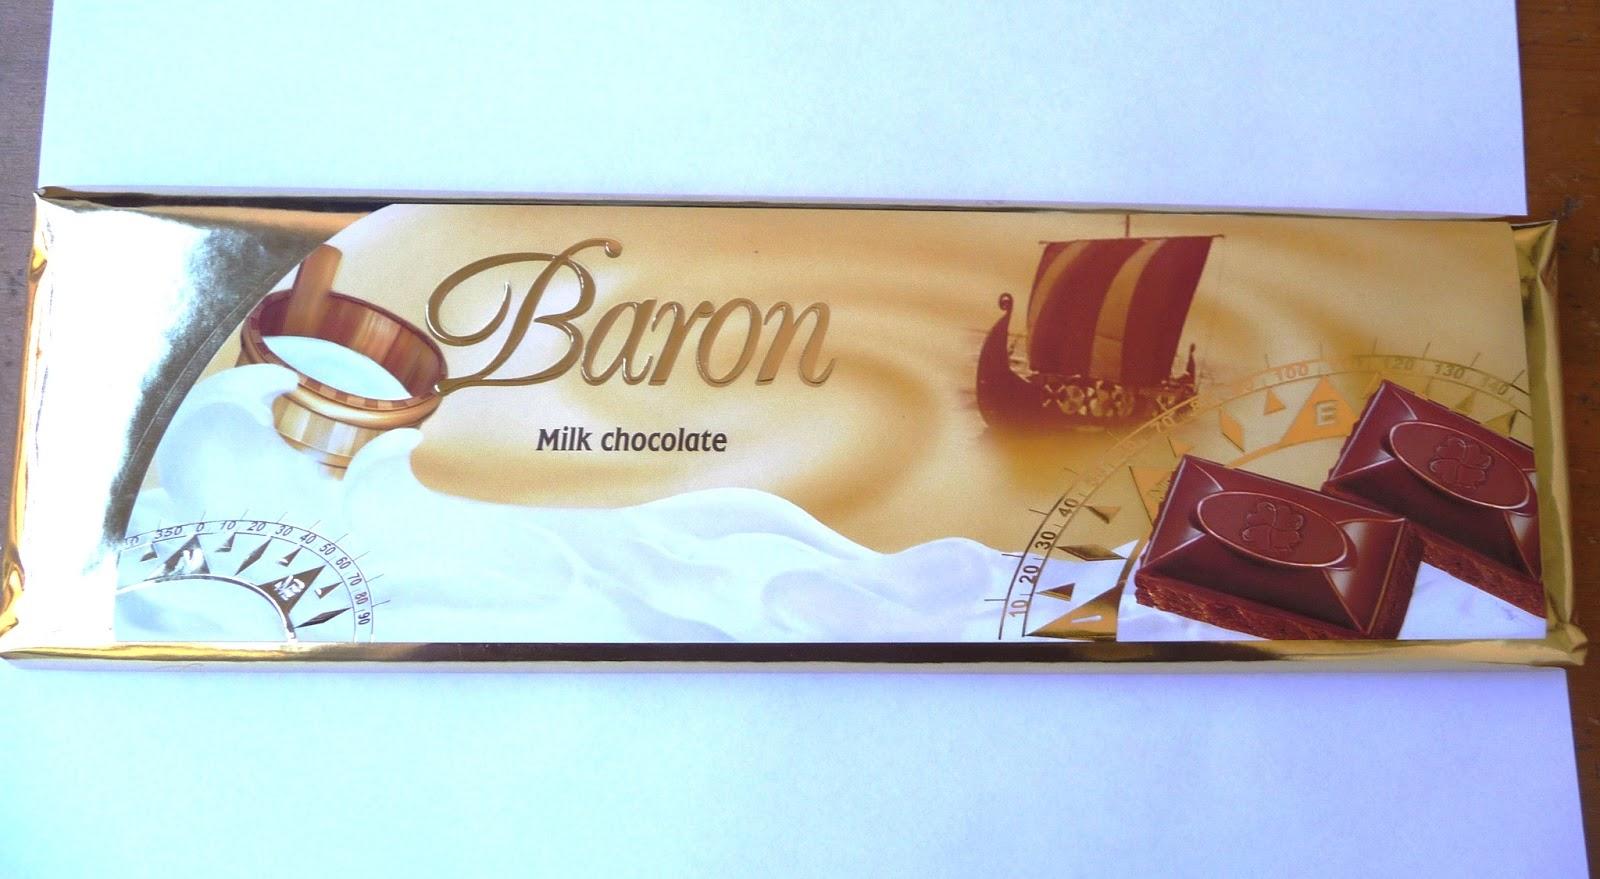 No les voy a dar mas vueltas mi opini n es que es el mejor chocolate de 99 pesos por 300gr que he conseguido en uruguay no es especialmente bueno